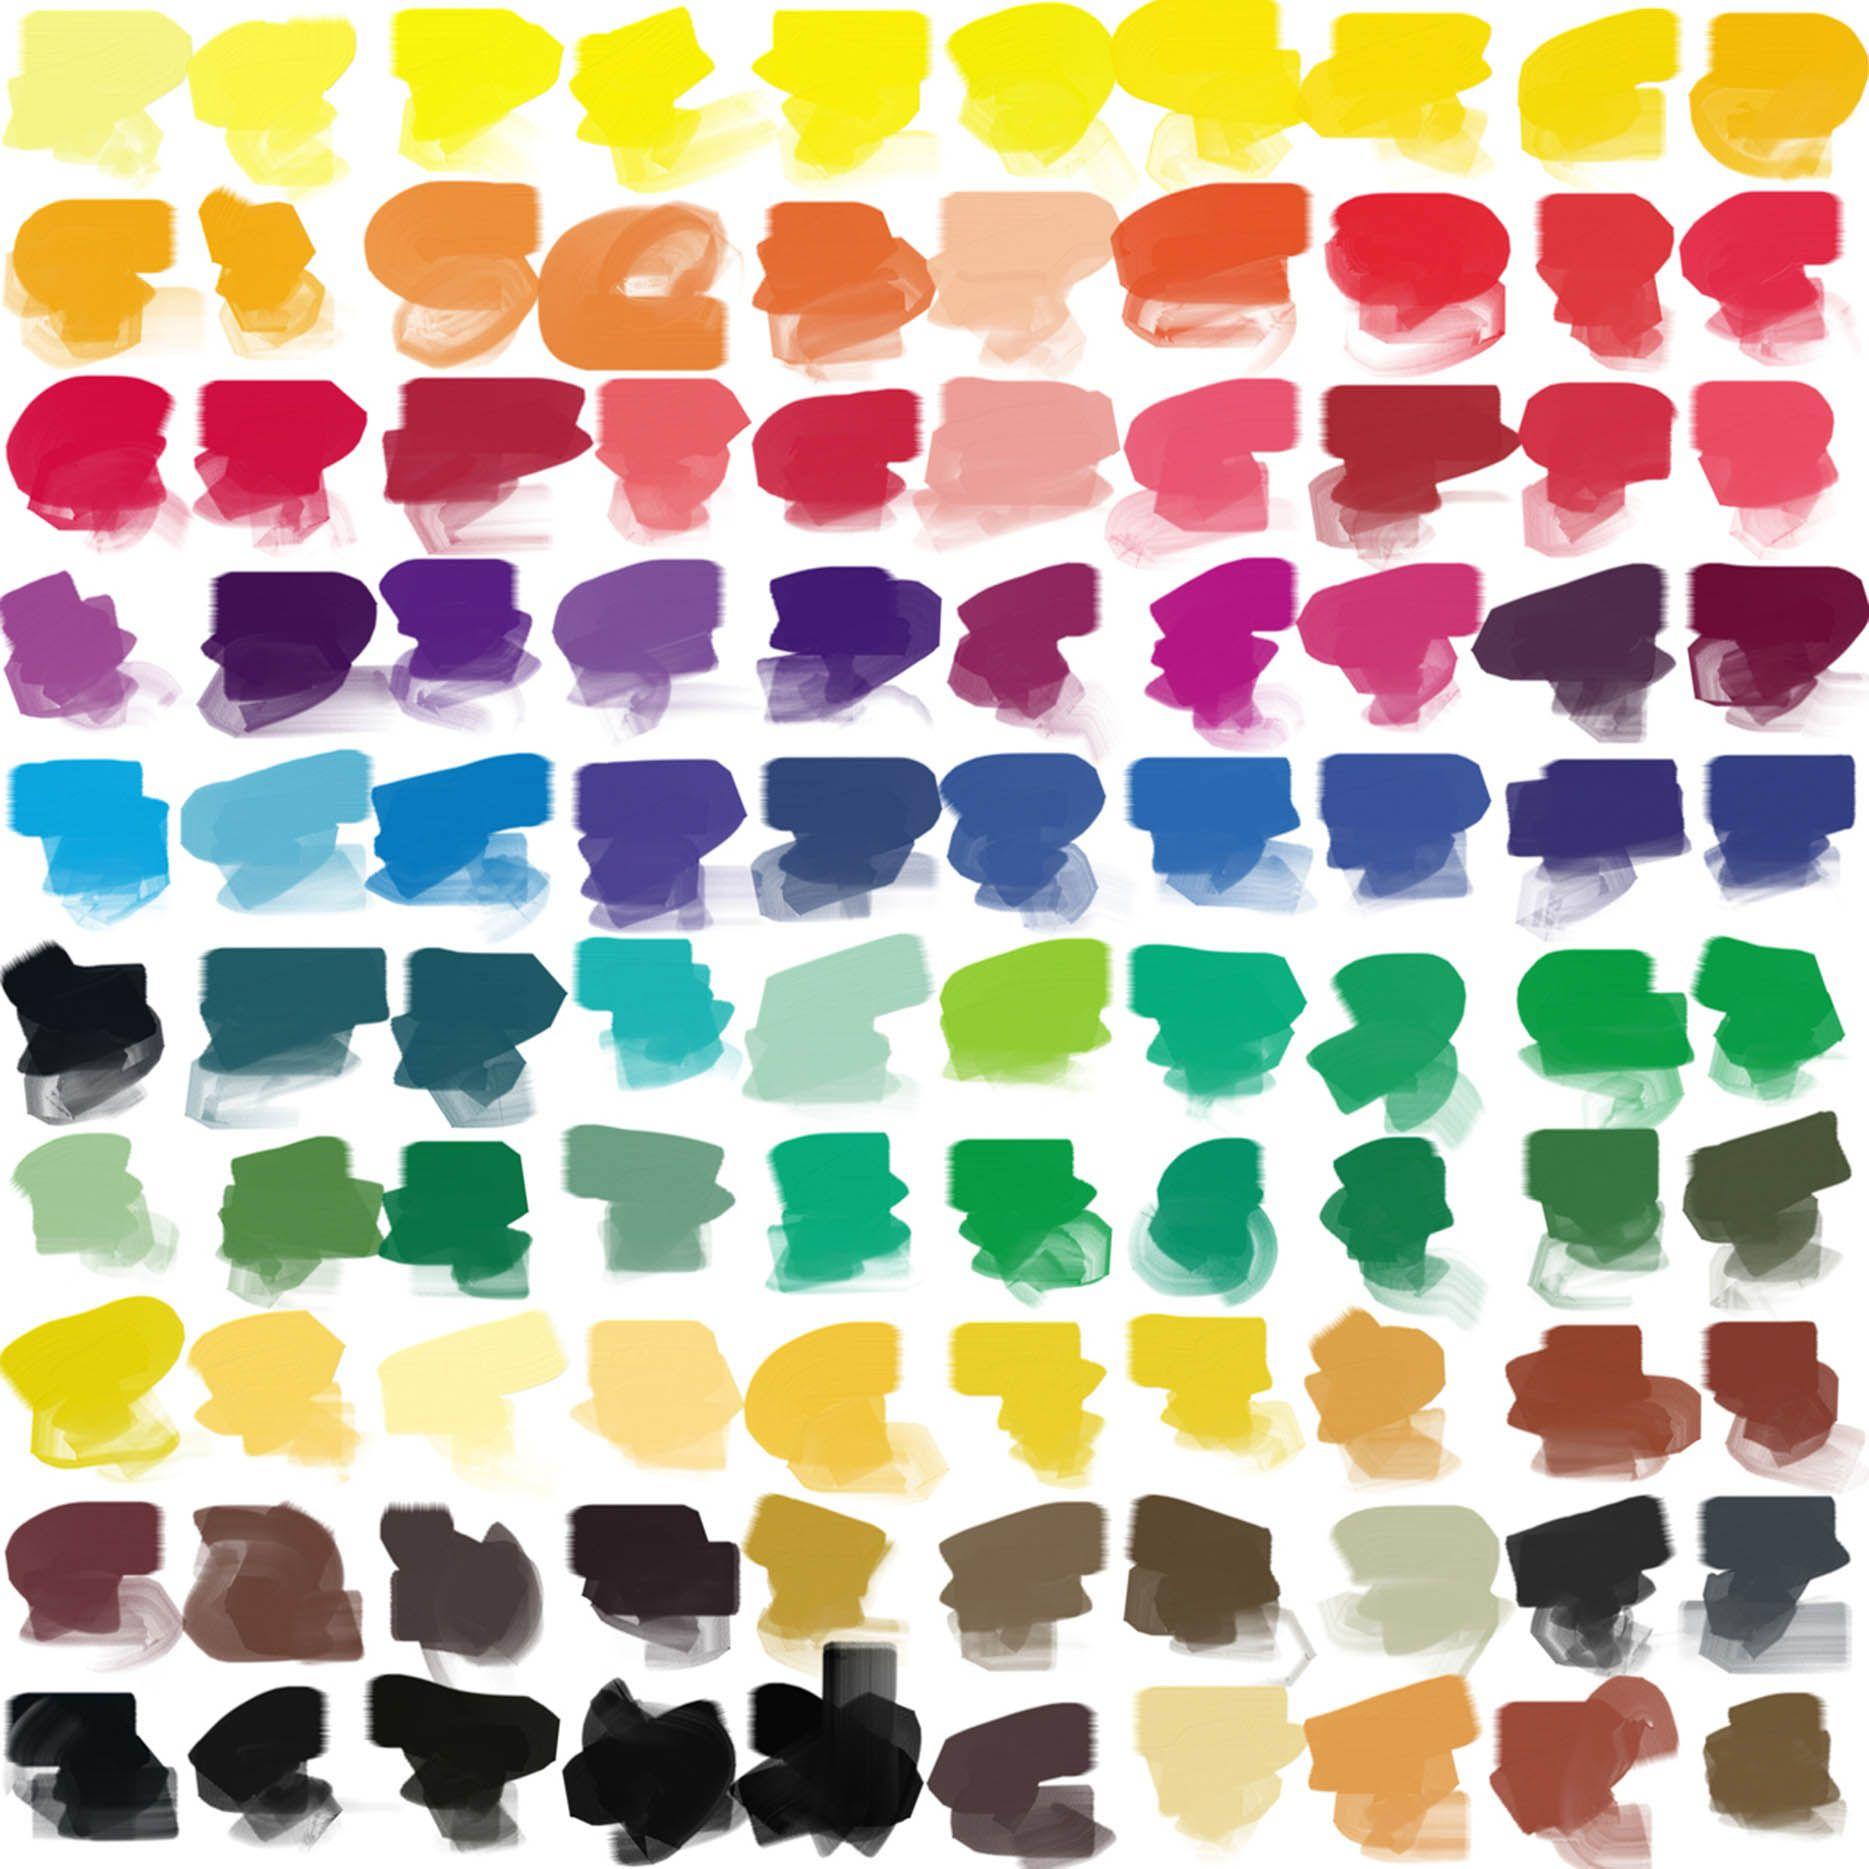 Paleta de colores en plastas de pintura 1869 - Paleta de colores pintura pared ...